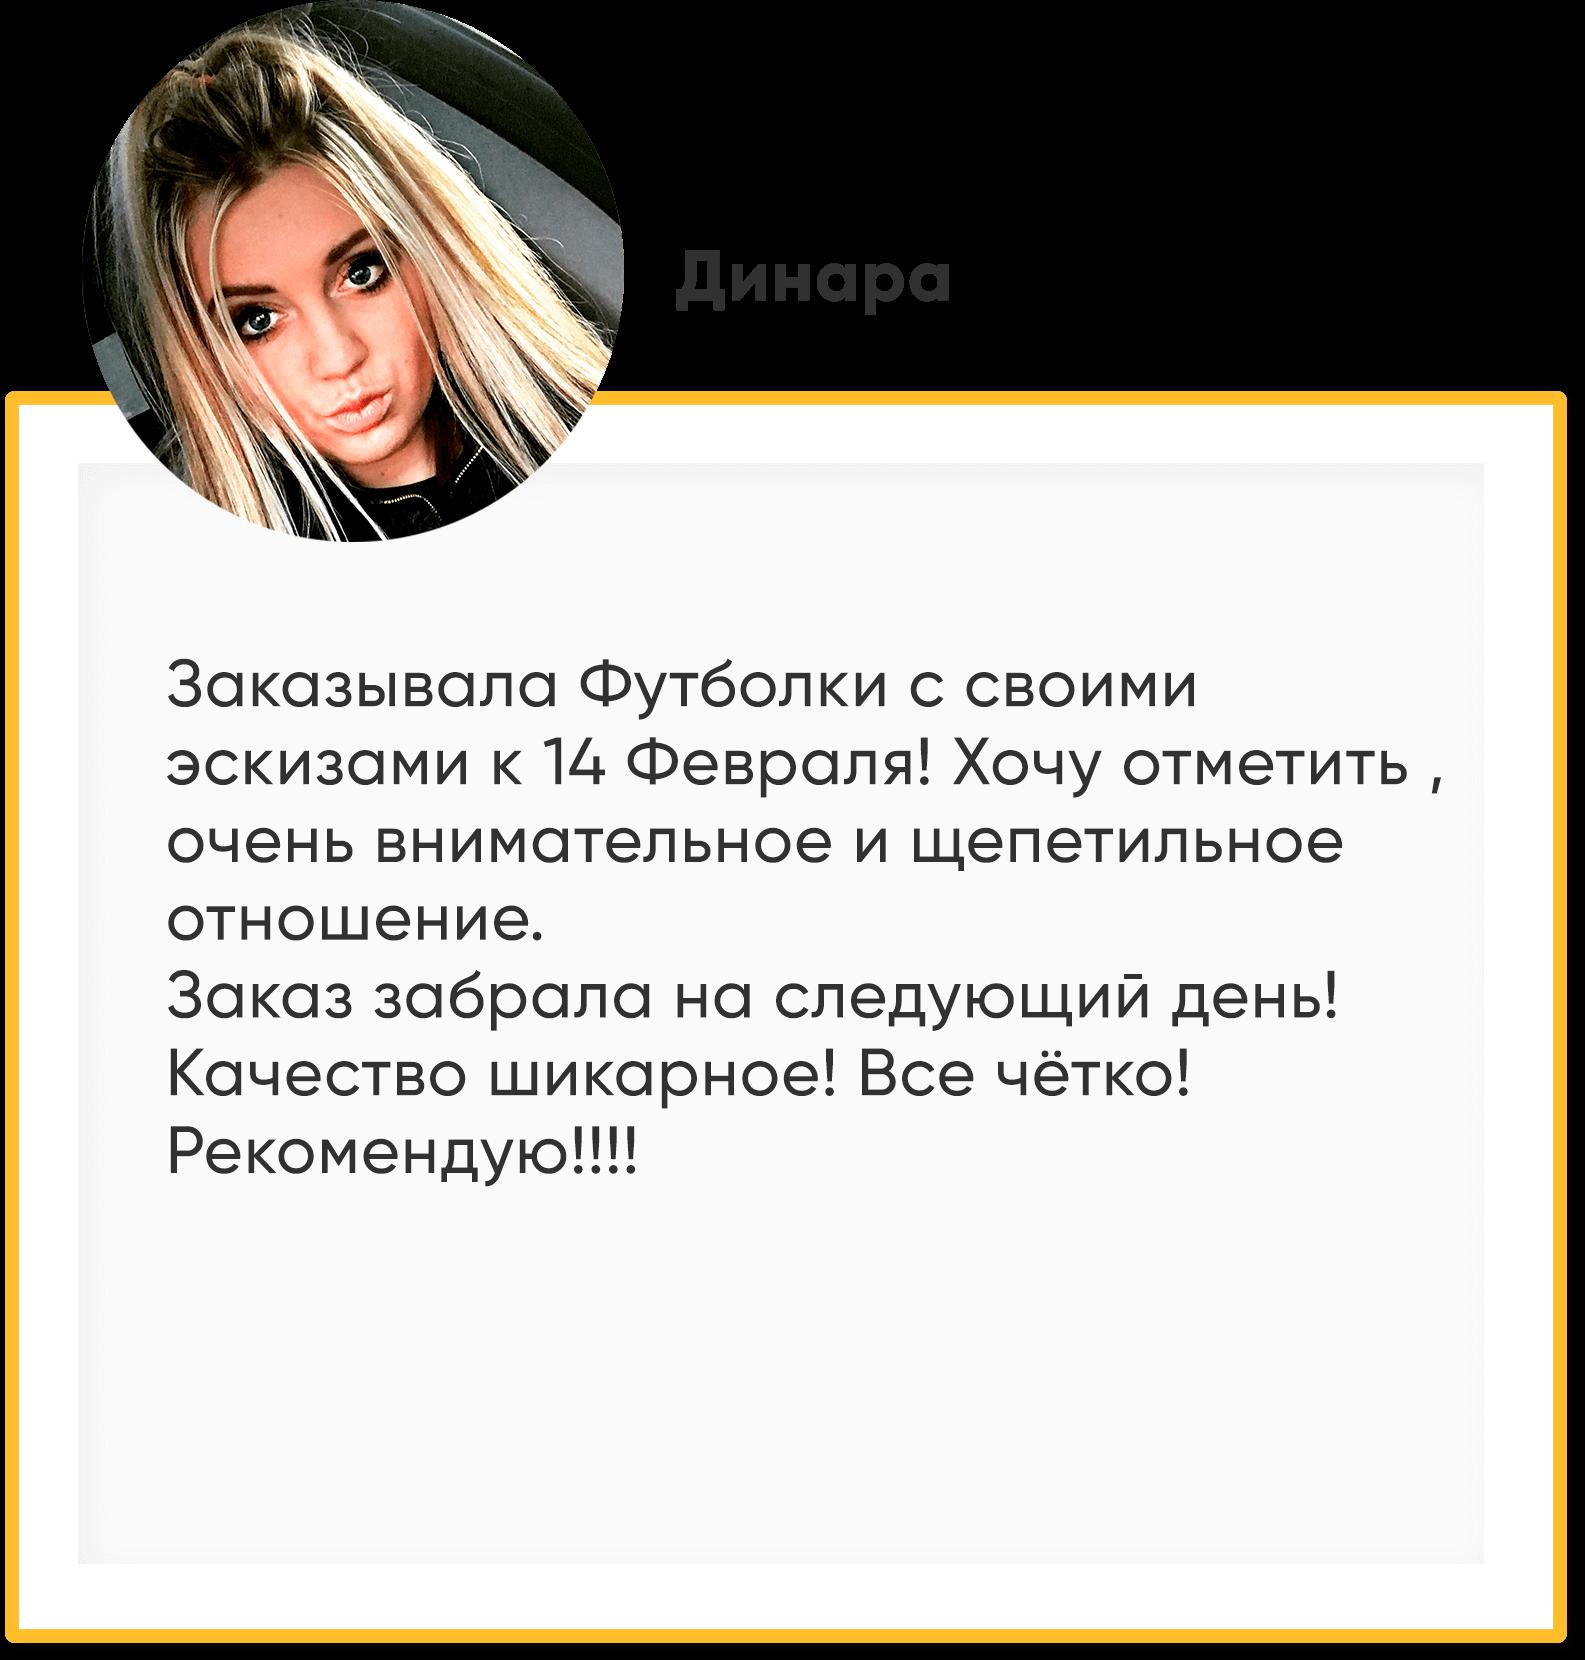 Kartochka_otzyva 2